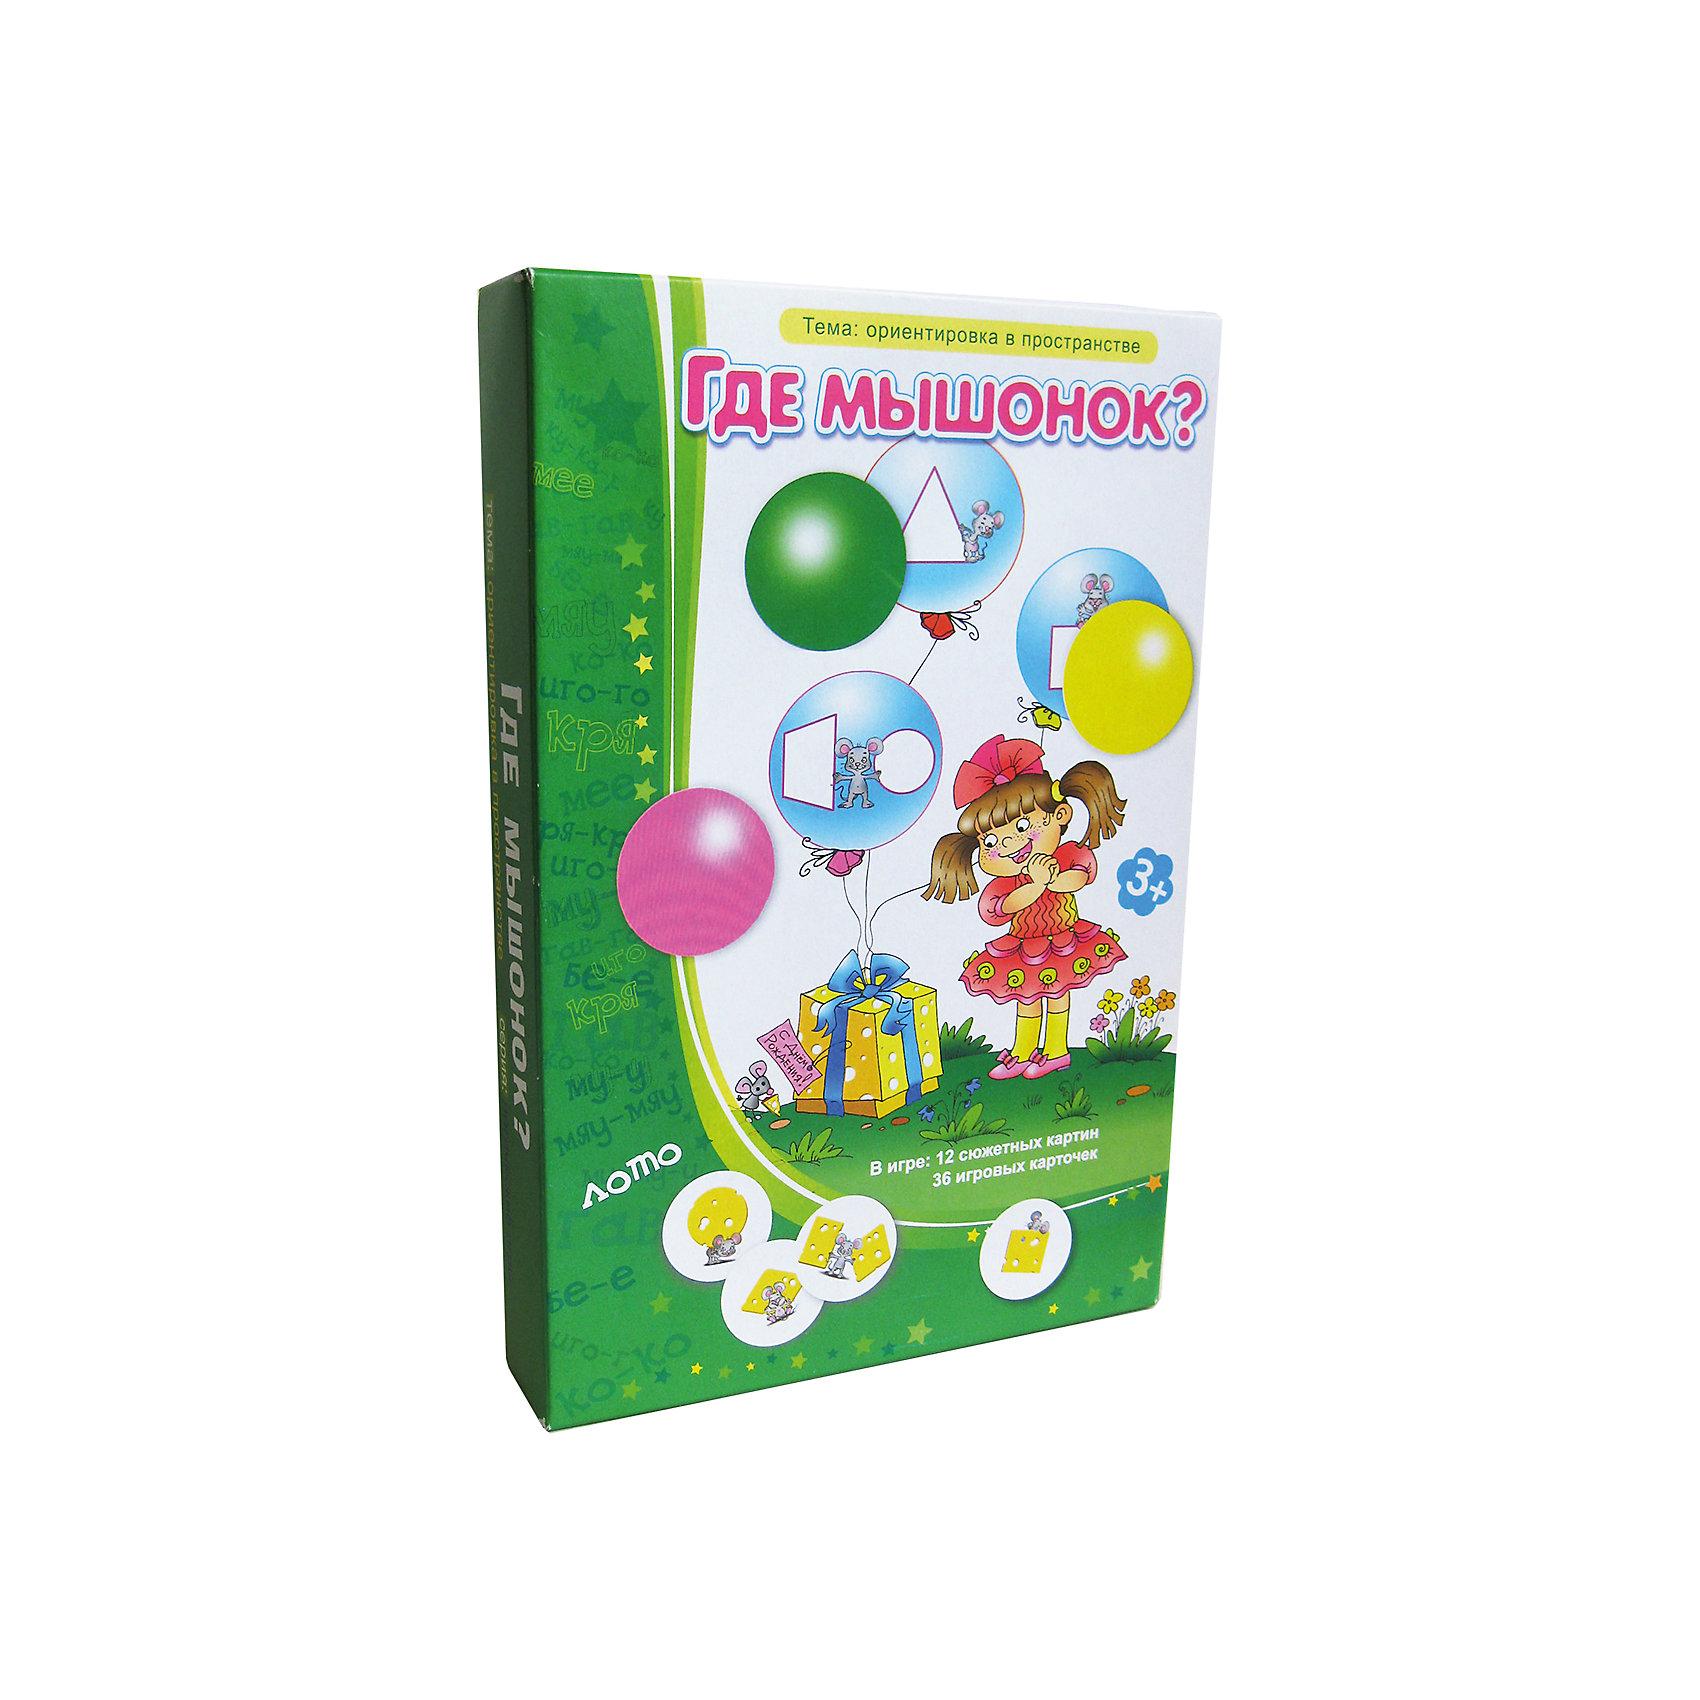 Где мышонок?, Игротека Татьяны БарчанЛото<br>Где мышонок?, Игротека Татьяны Барчан.<br><br>Характеристики:<br><br>• Для детей в возрасте: от 3 до 6 лет<br>• В комплекте: 12 игровых полей с сюжетными картинками, 36 круглых карточек лото, инструкция<br>• Тема: Ориентировка в пространстве<br>• Материал: плотный качественный картон<br>• Производитель: ЦОТР Ребус (Россия)<br>• Упаковка: картонная коробка<br>• Размер упаковки: 268х182х40 мм.<br>• Вес: 332 гр.<br><br>Эта игра познакомит вашего ребенка с простейшими геометрическими фигурами, научит правильно употреблять предлоги «за», «на», «под», «справа», «слева», «спереди». А также поможет развить внимание и логическое мышление. <br><br>В игру «Где мышонок?» можно играть тремя различными способами, в зависимости от возраста и умения игроков, правила игры очень похожи на обычное детское лото. Ведущий раздает большие карточки, а дети должны заполнить их маленькими круглыми карточками. <br><br>Главные герои этой увлекательной игры - маленький мальчик, симпатичная девочка и их друг-мышонок, который очень любит сыр. На трёх шариках, что держат в руках мальчик и девочка, нарисованы геометрические фигурки и мышонок. <br><br>Игроку нужно назвать геометрическую фигуру и правильно использовать предлог, описывая мышат рядом с фигурками: «на», «под», «между», «за»… В игре есть подсказка. Переворачиваем круглую карточку: если её цвет и цвет хвостика от шарика совпадут, значит, карточка выбрана правильно. В инструкции также описан усложненный вариант игры, нахождения своих шариков, и их классификация, и описание картинки.<br><br>Игру Где мышонок?, Игротека Татьяны Барчан можно купить в нашем интернет-магазине.<br><br>Ширина мм: 270<br>Глубина мм: 180<br>Высота мм: 40<br>Вес г: 342<br>Возраст от месяцев: 36<br>Возраст до месяцев: 72<br>Пол: Унисекс<br>Возраст: Детский<br>SKU: 6751307